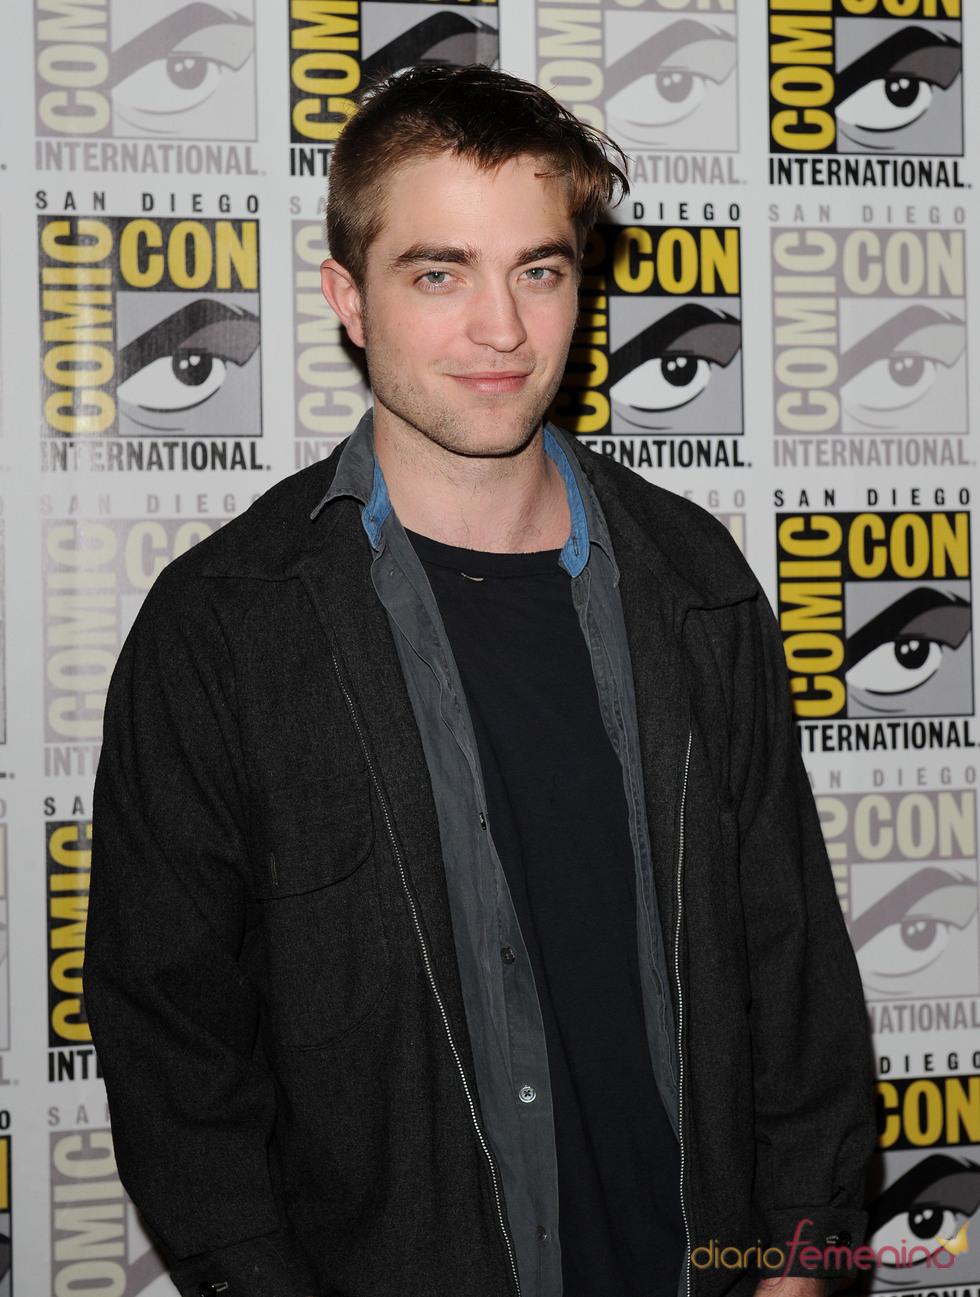 Robert Pattinson en el Comic Con 2011